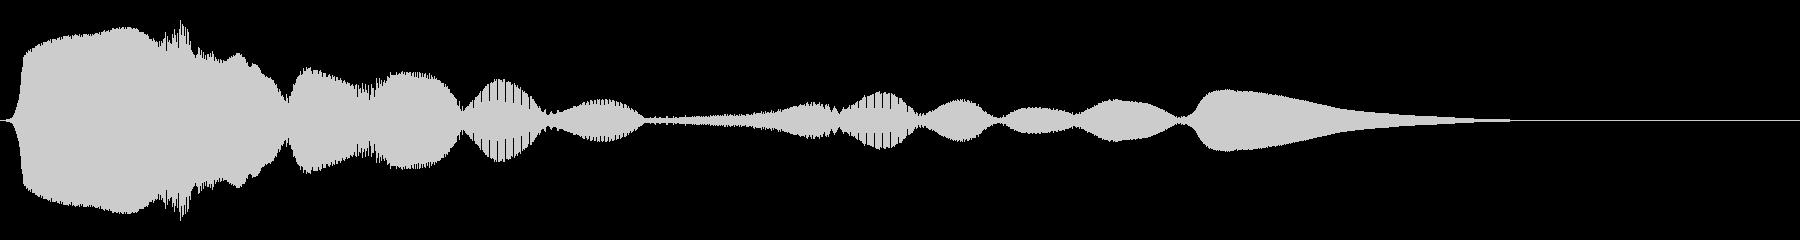 ハーモニカ:上下のアクセント、漫画...の未再生の波形